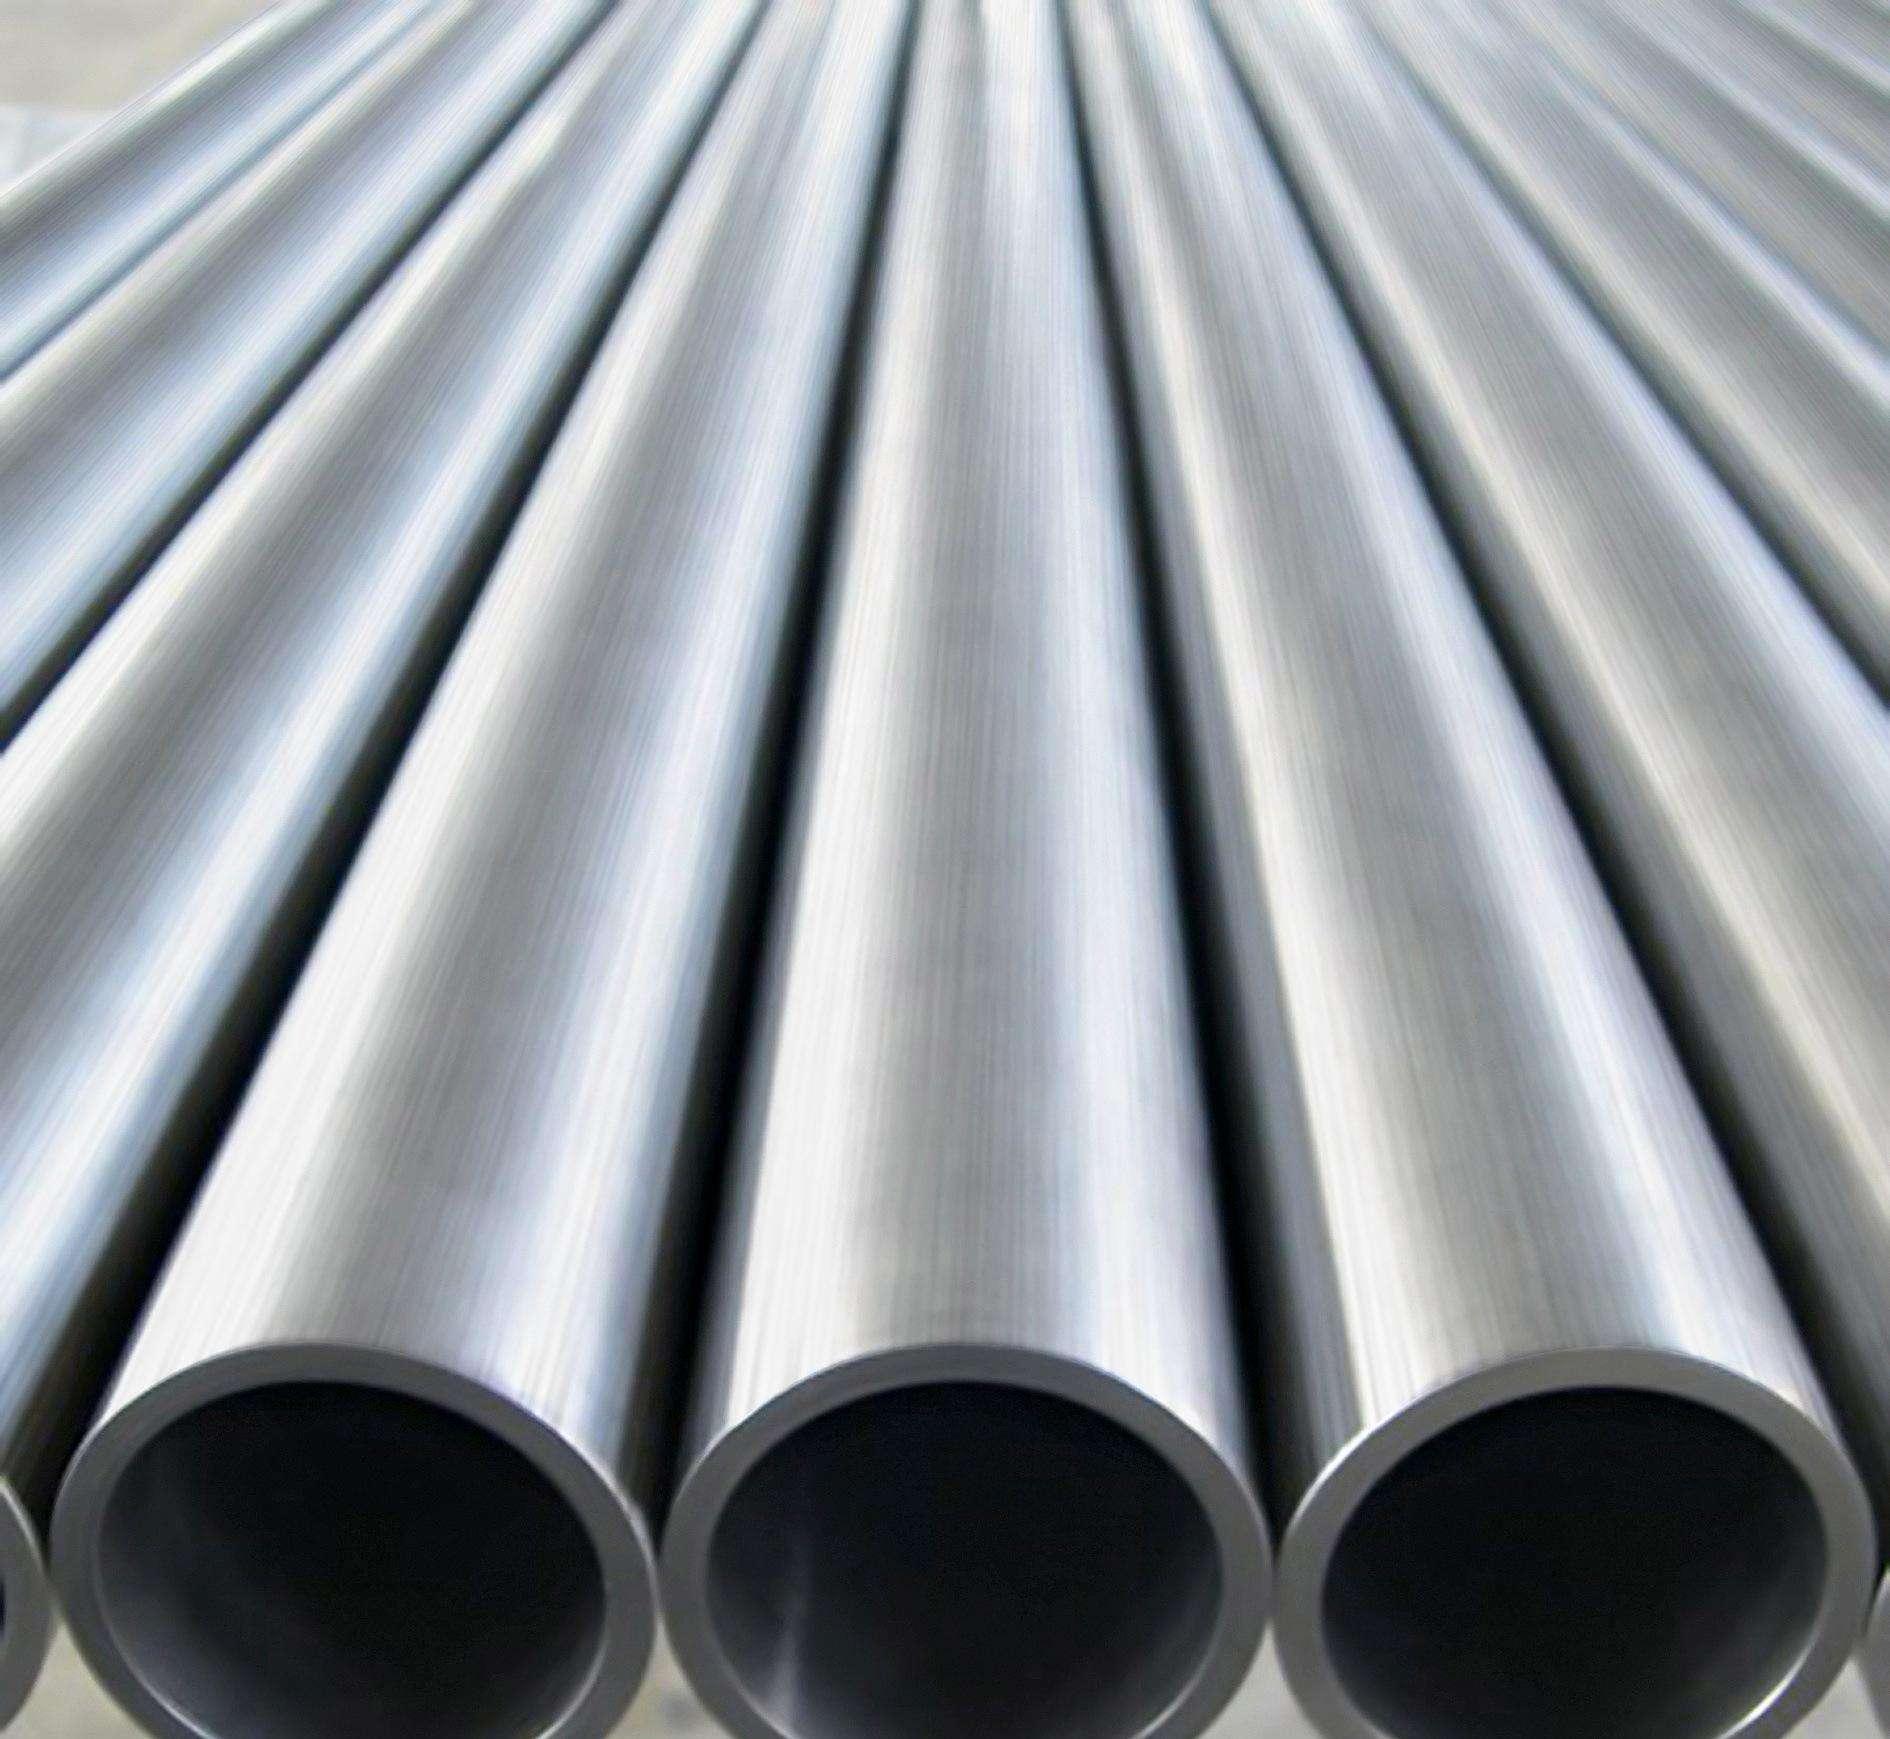 徐州原装进口不锈钢管生产商_碳钢管件相关-山东宝旺金属材料有限公司